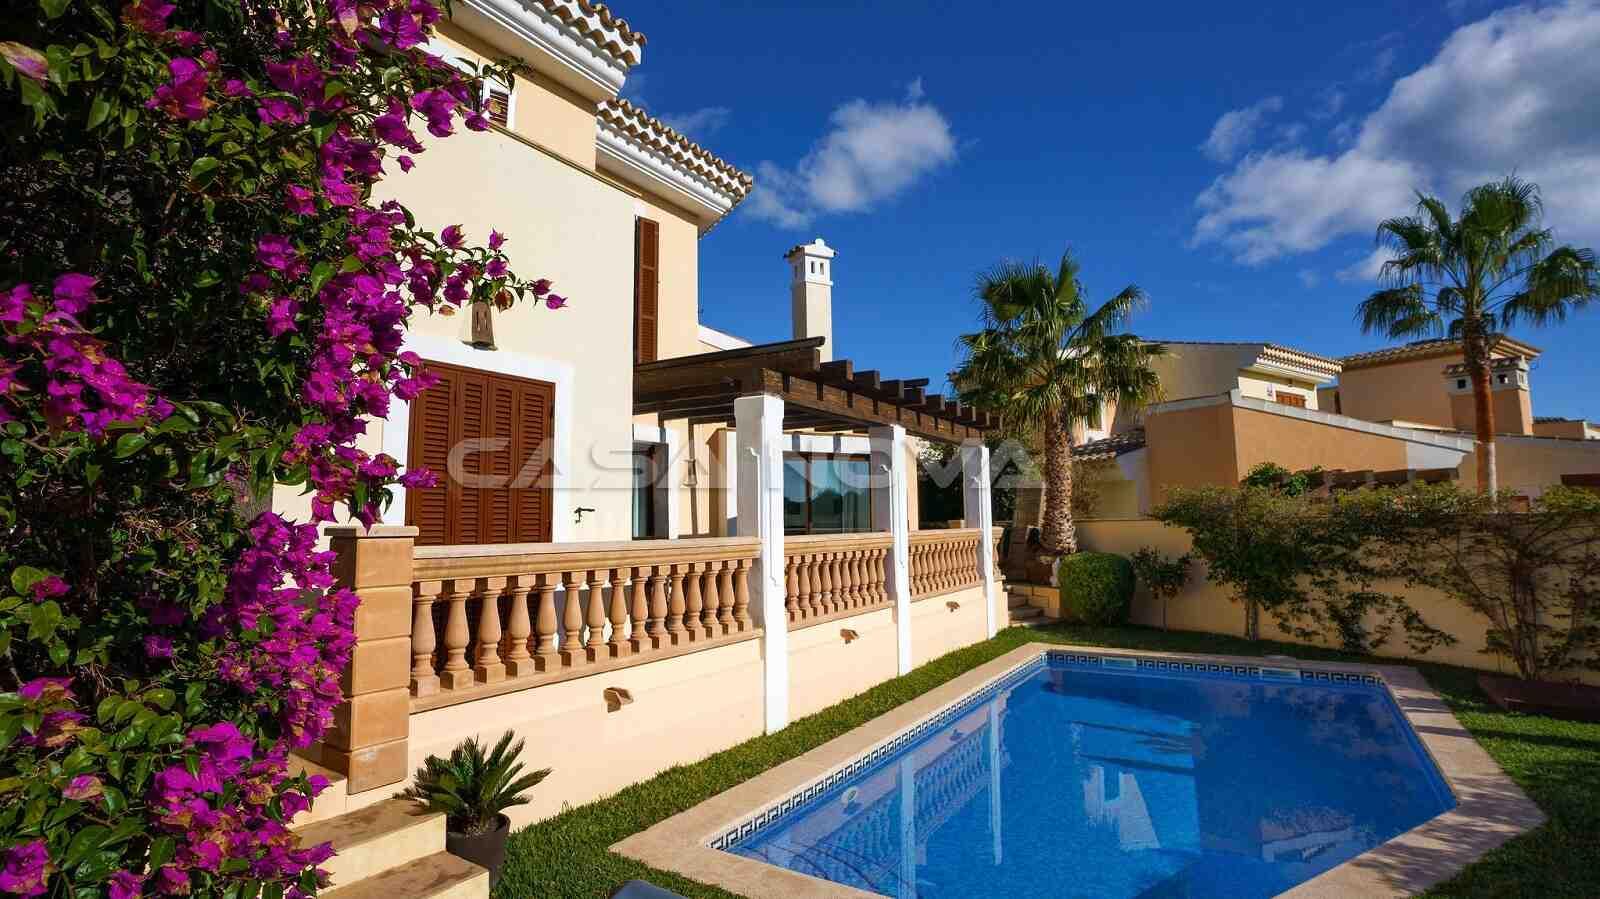 Ref. 2303031 - Mediterrane Villa mit Inseltypischer Beflanzung